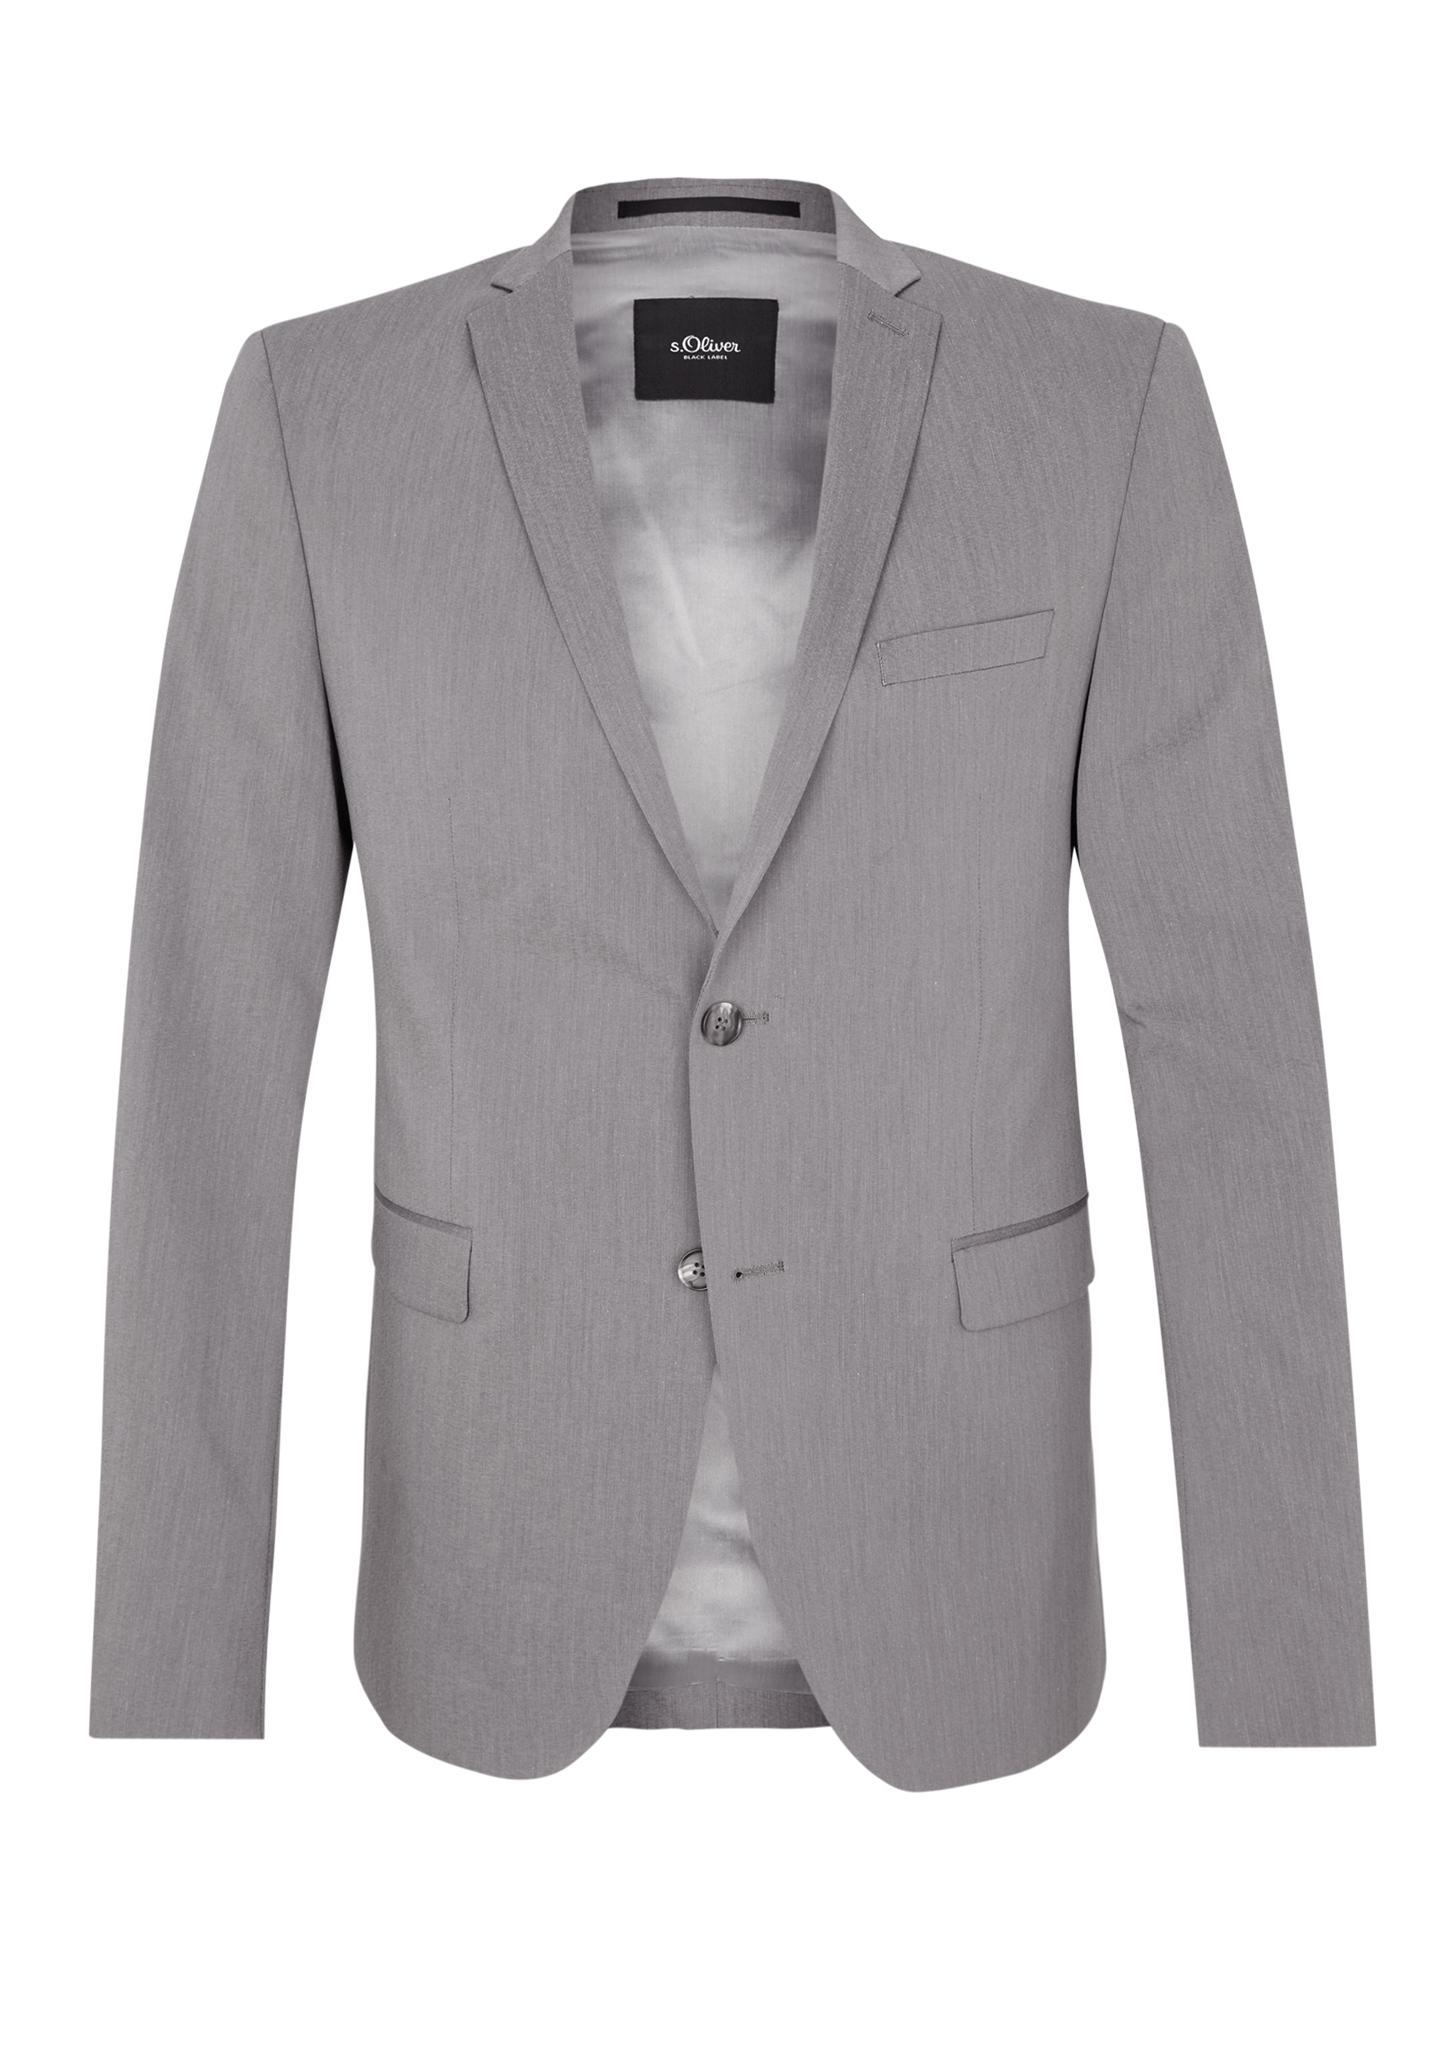 jogg suit slim stretch sakko kaufen s oliver shop  Gnstig Soliver Grau Sakkos Herren Auf Verkauf P 1118 #4